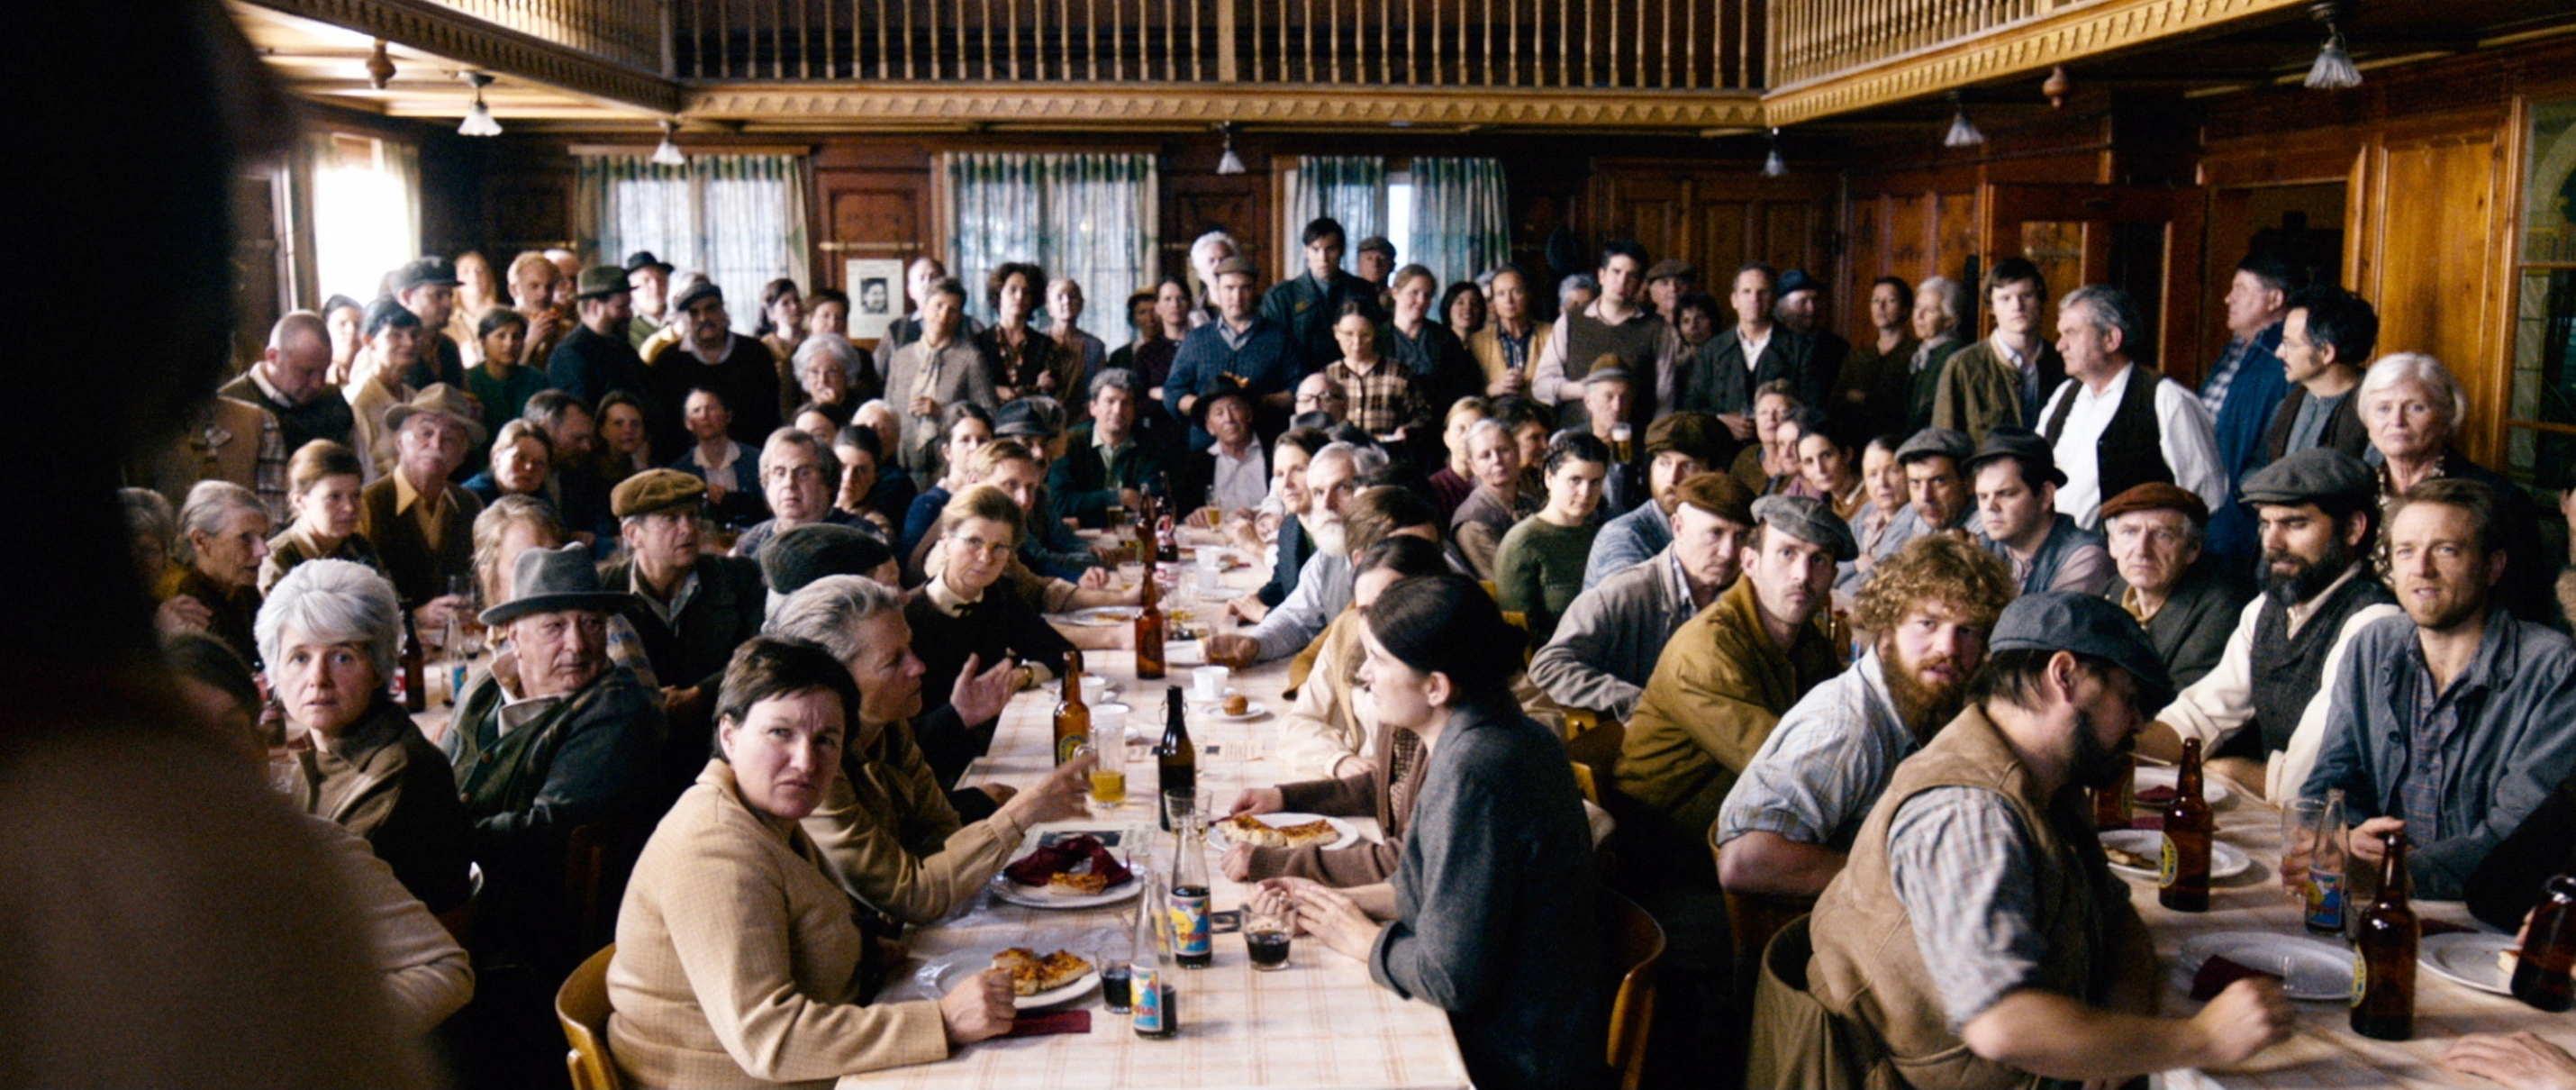 Die göttliche Ordnung - The Divine Order - Versammlung der Bürger - Regie Petra Volpe - Kamera Judith Kaufmann